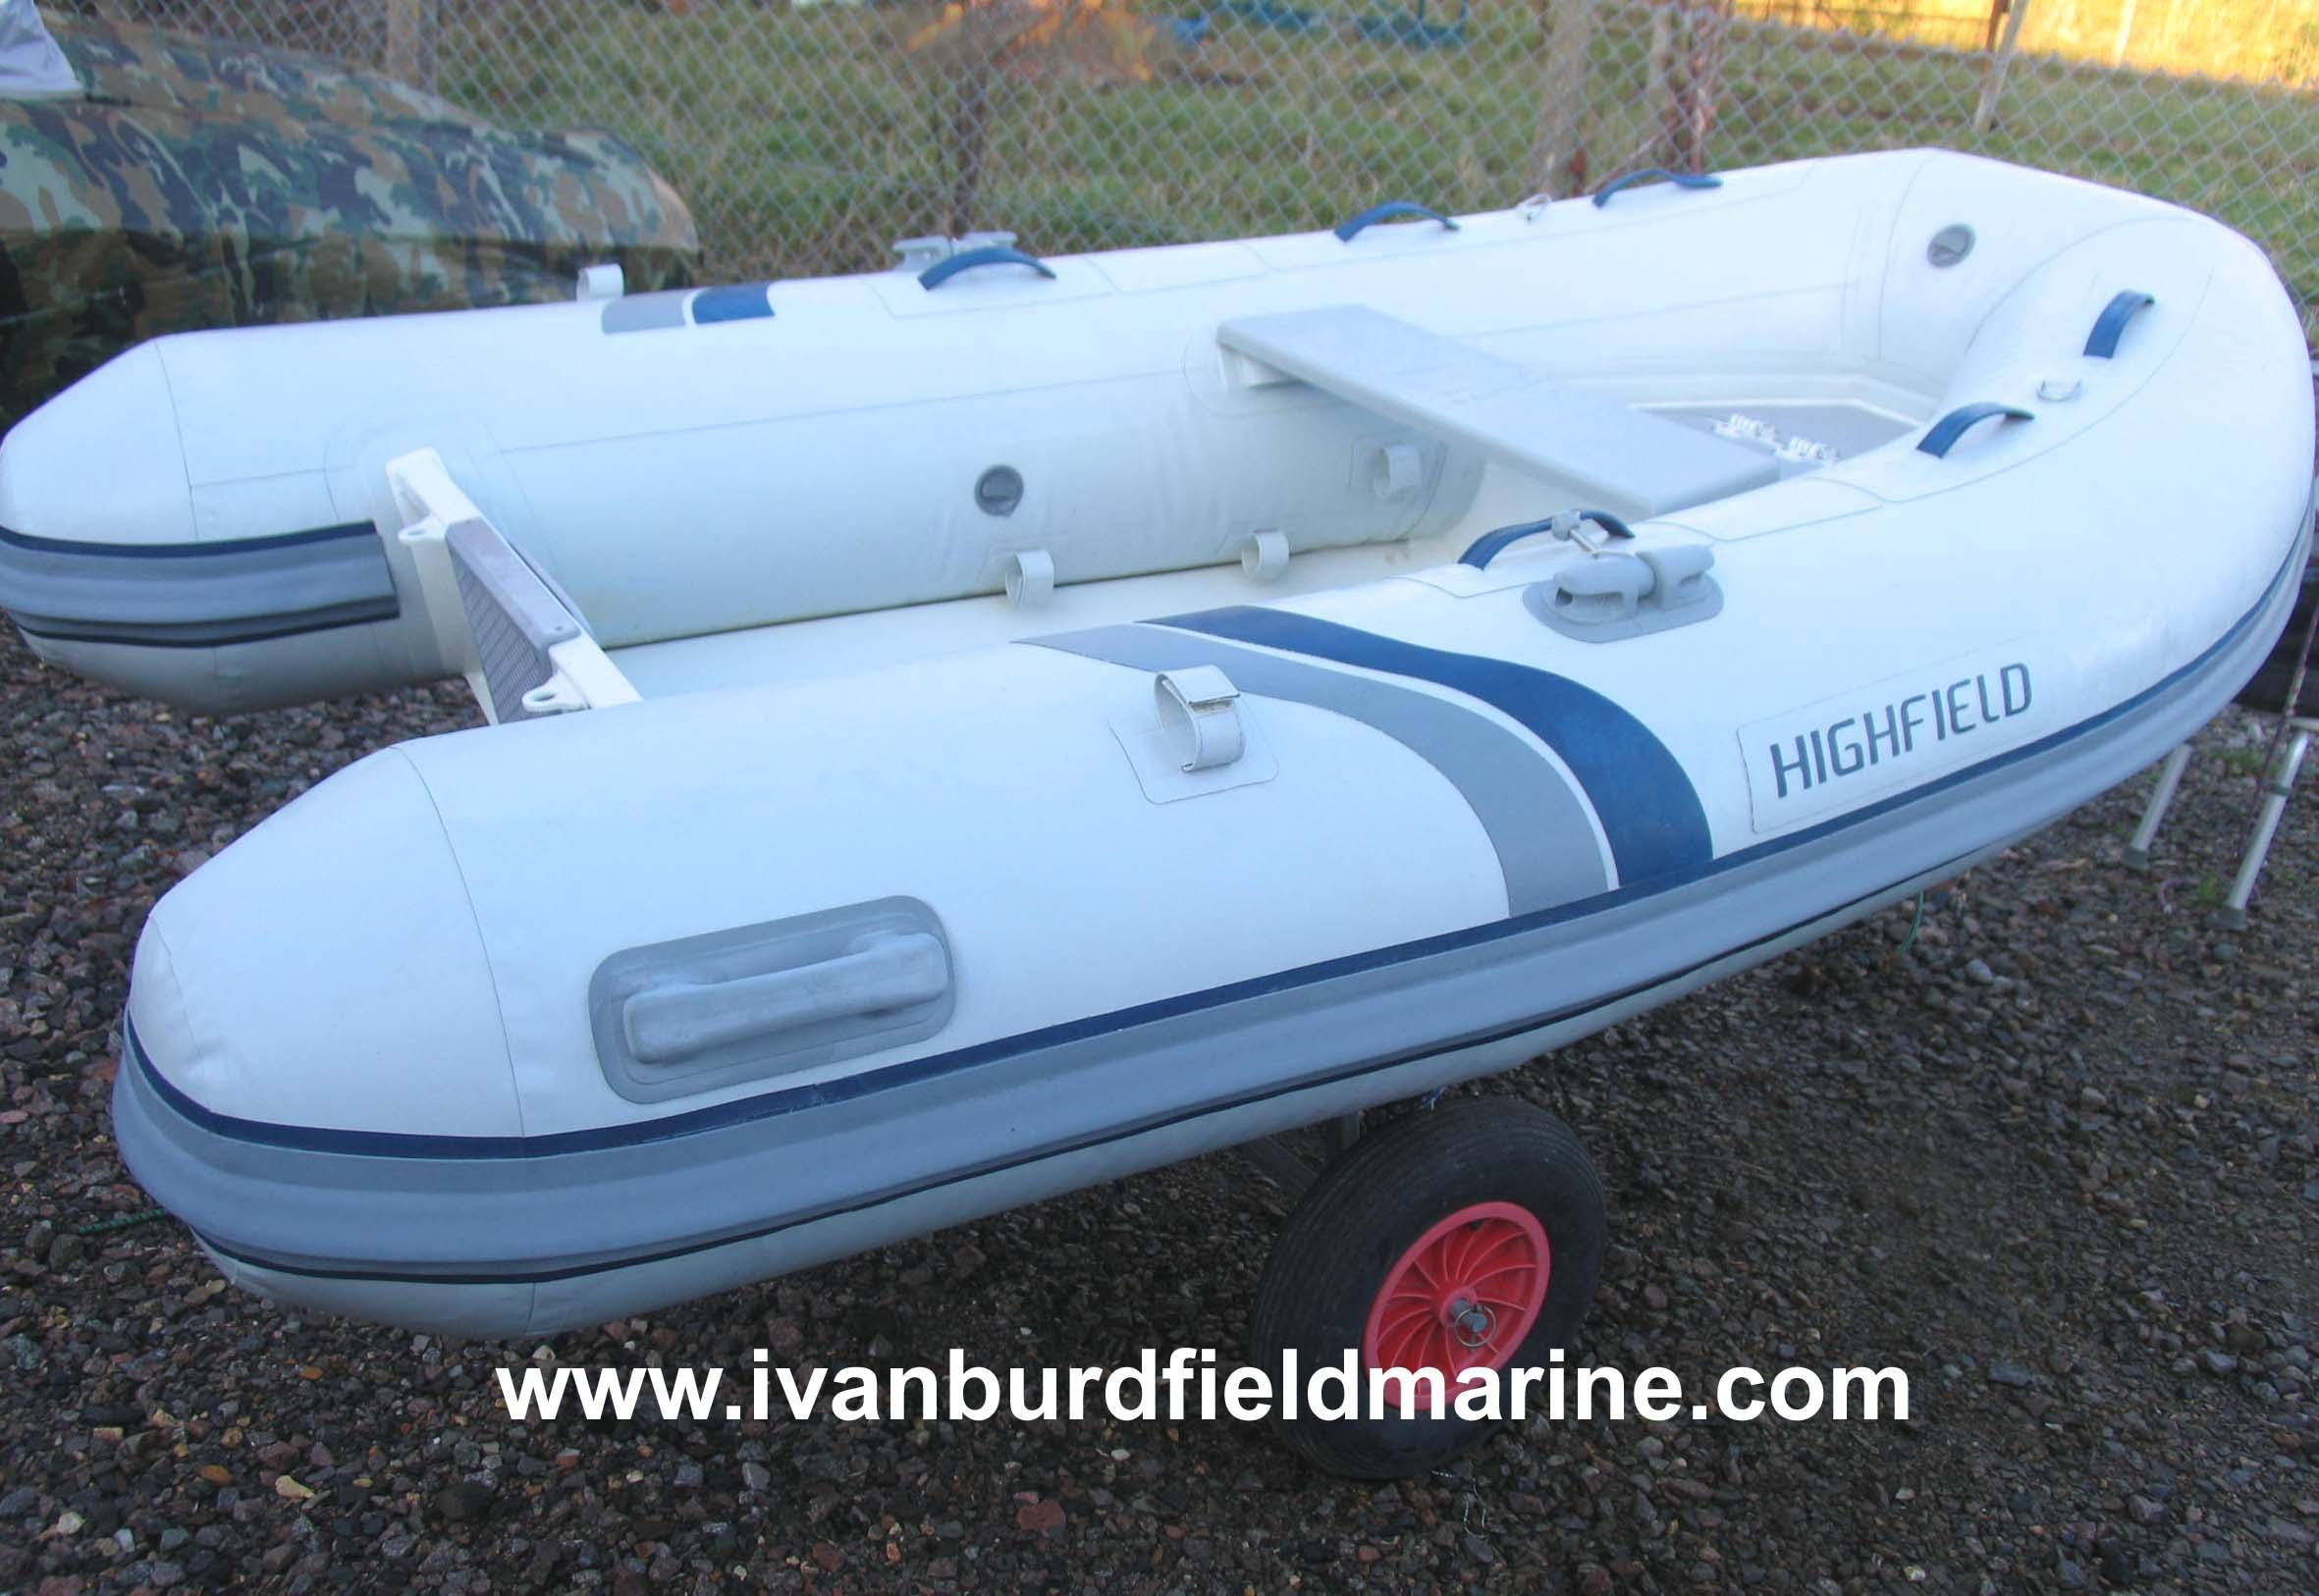 Highfield 260 CL